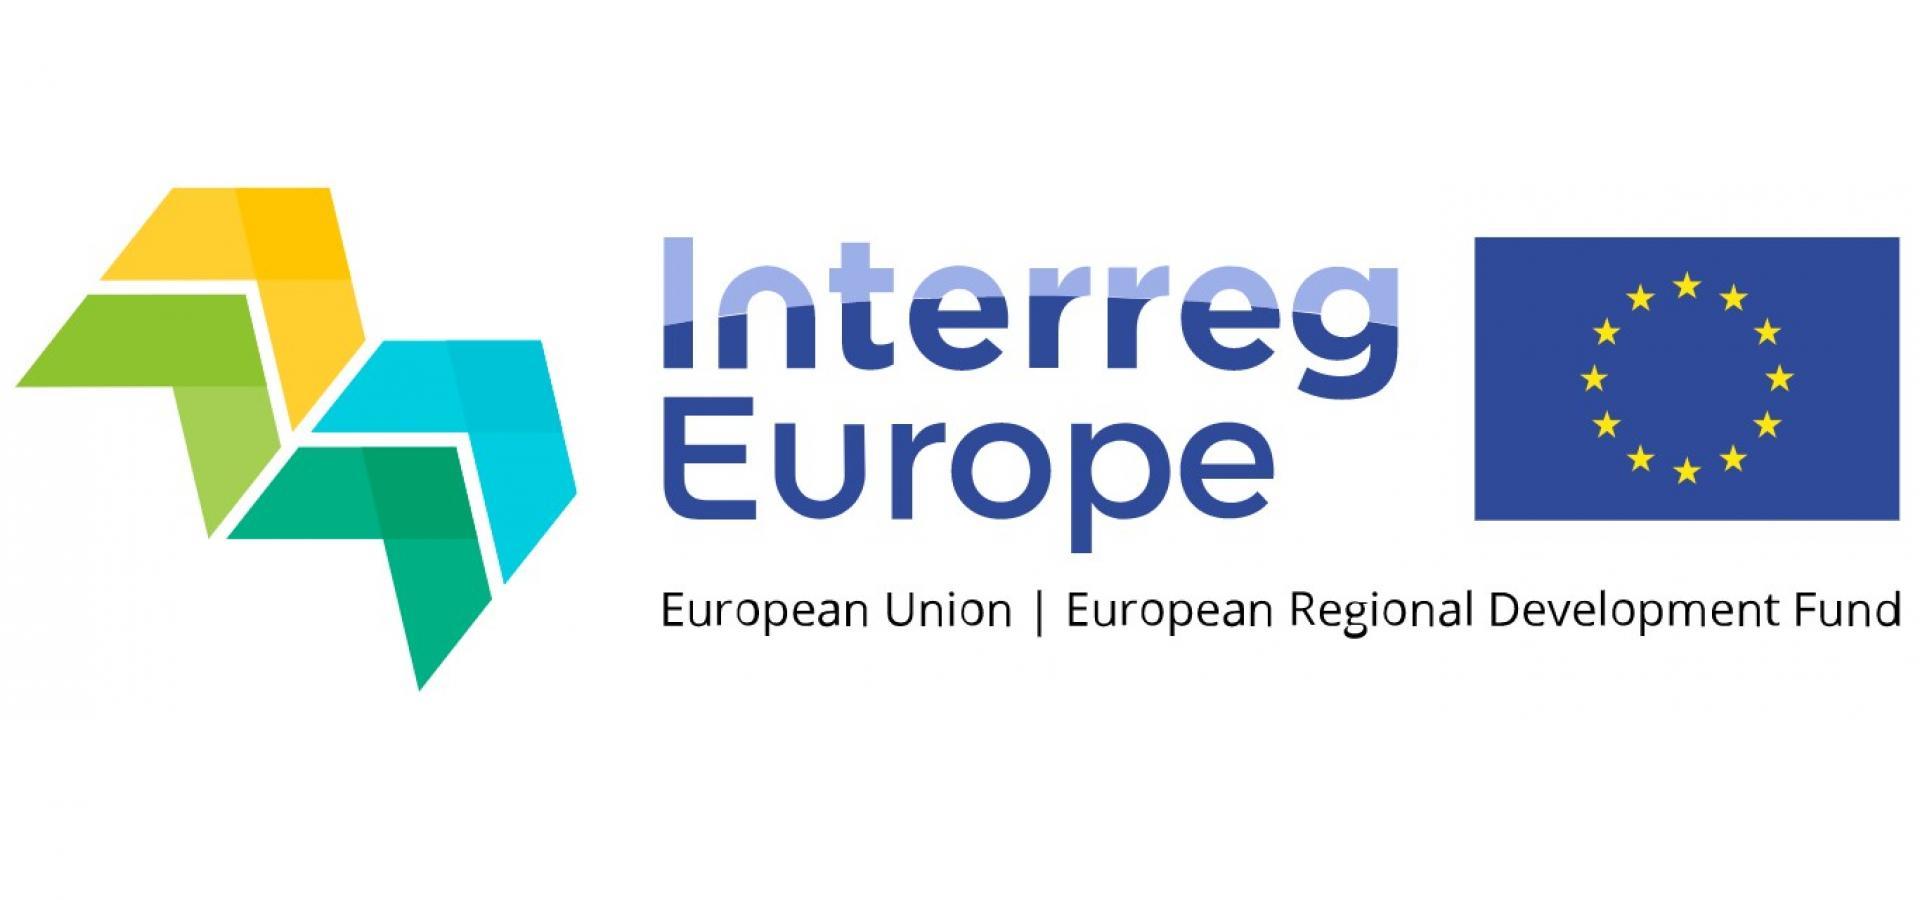 Dodatkowy nabór dla zatwierdzonych projektów w programie Interreg Europa - zobacz więcej